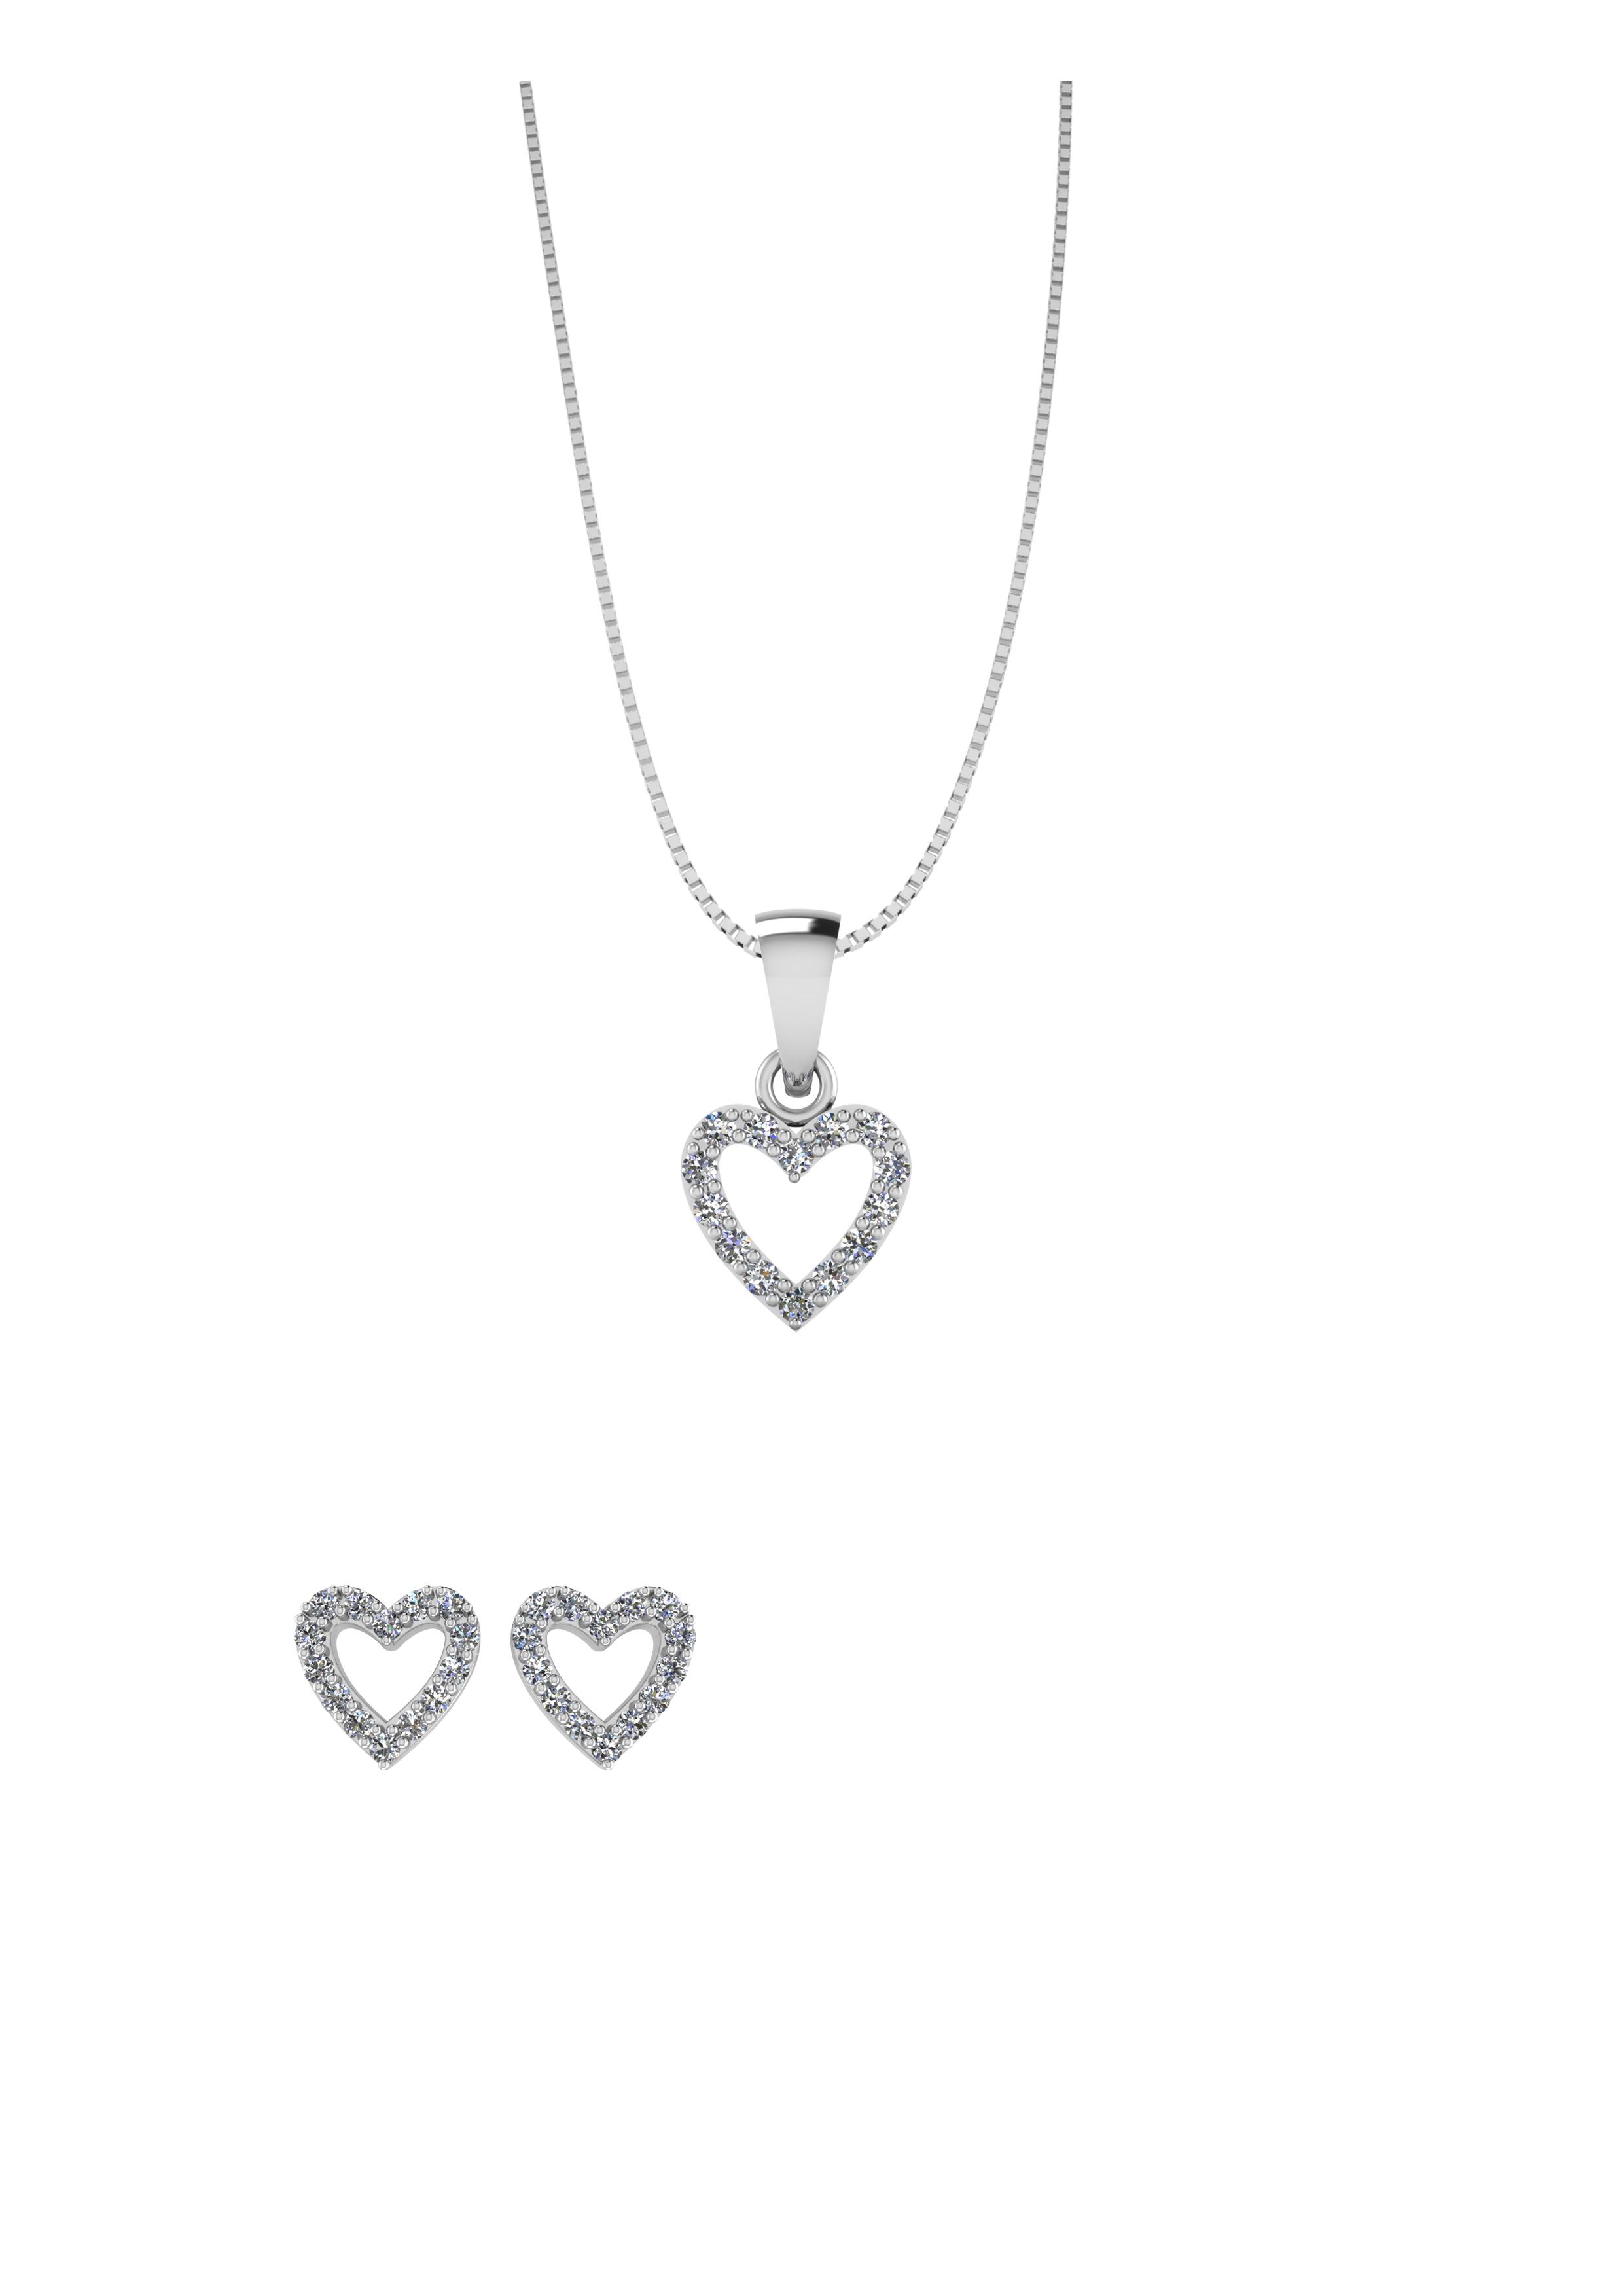 Image of   Smykkekæden Smykkesæt Hjerte i Sølv med Zirkonia-sten